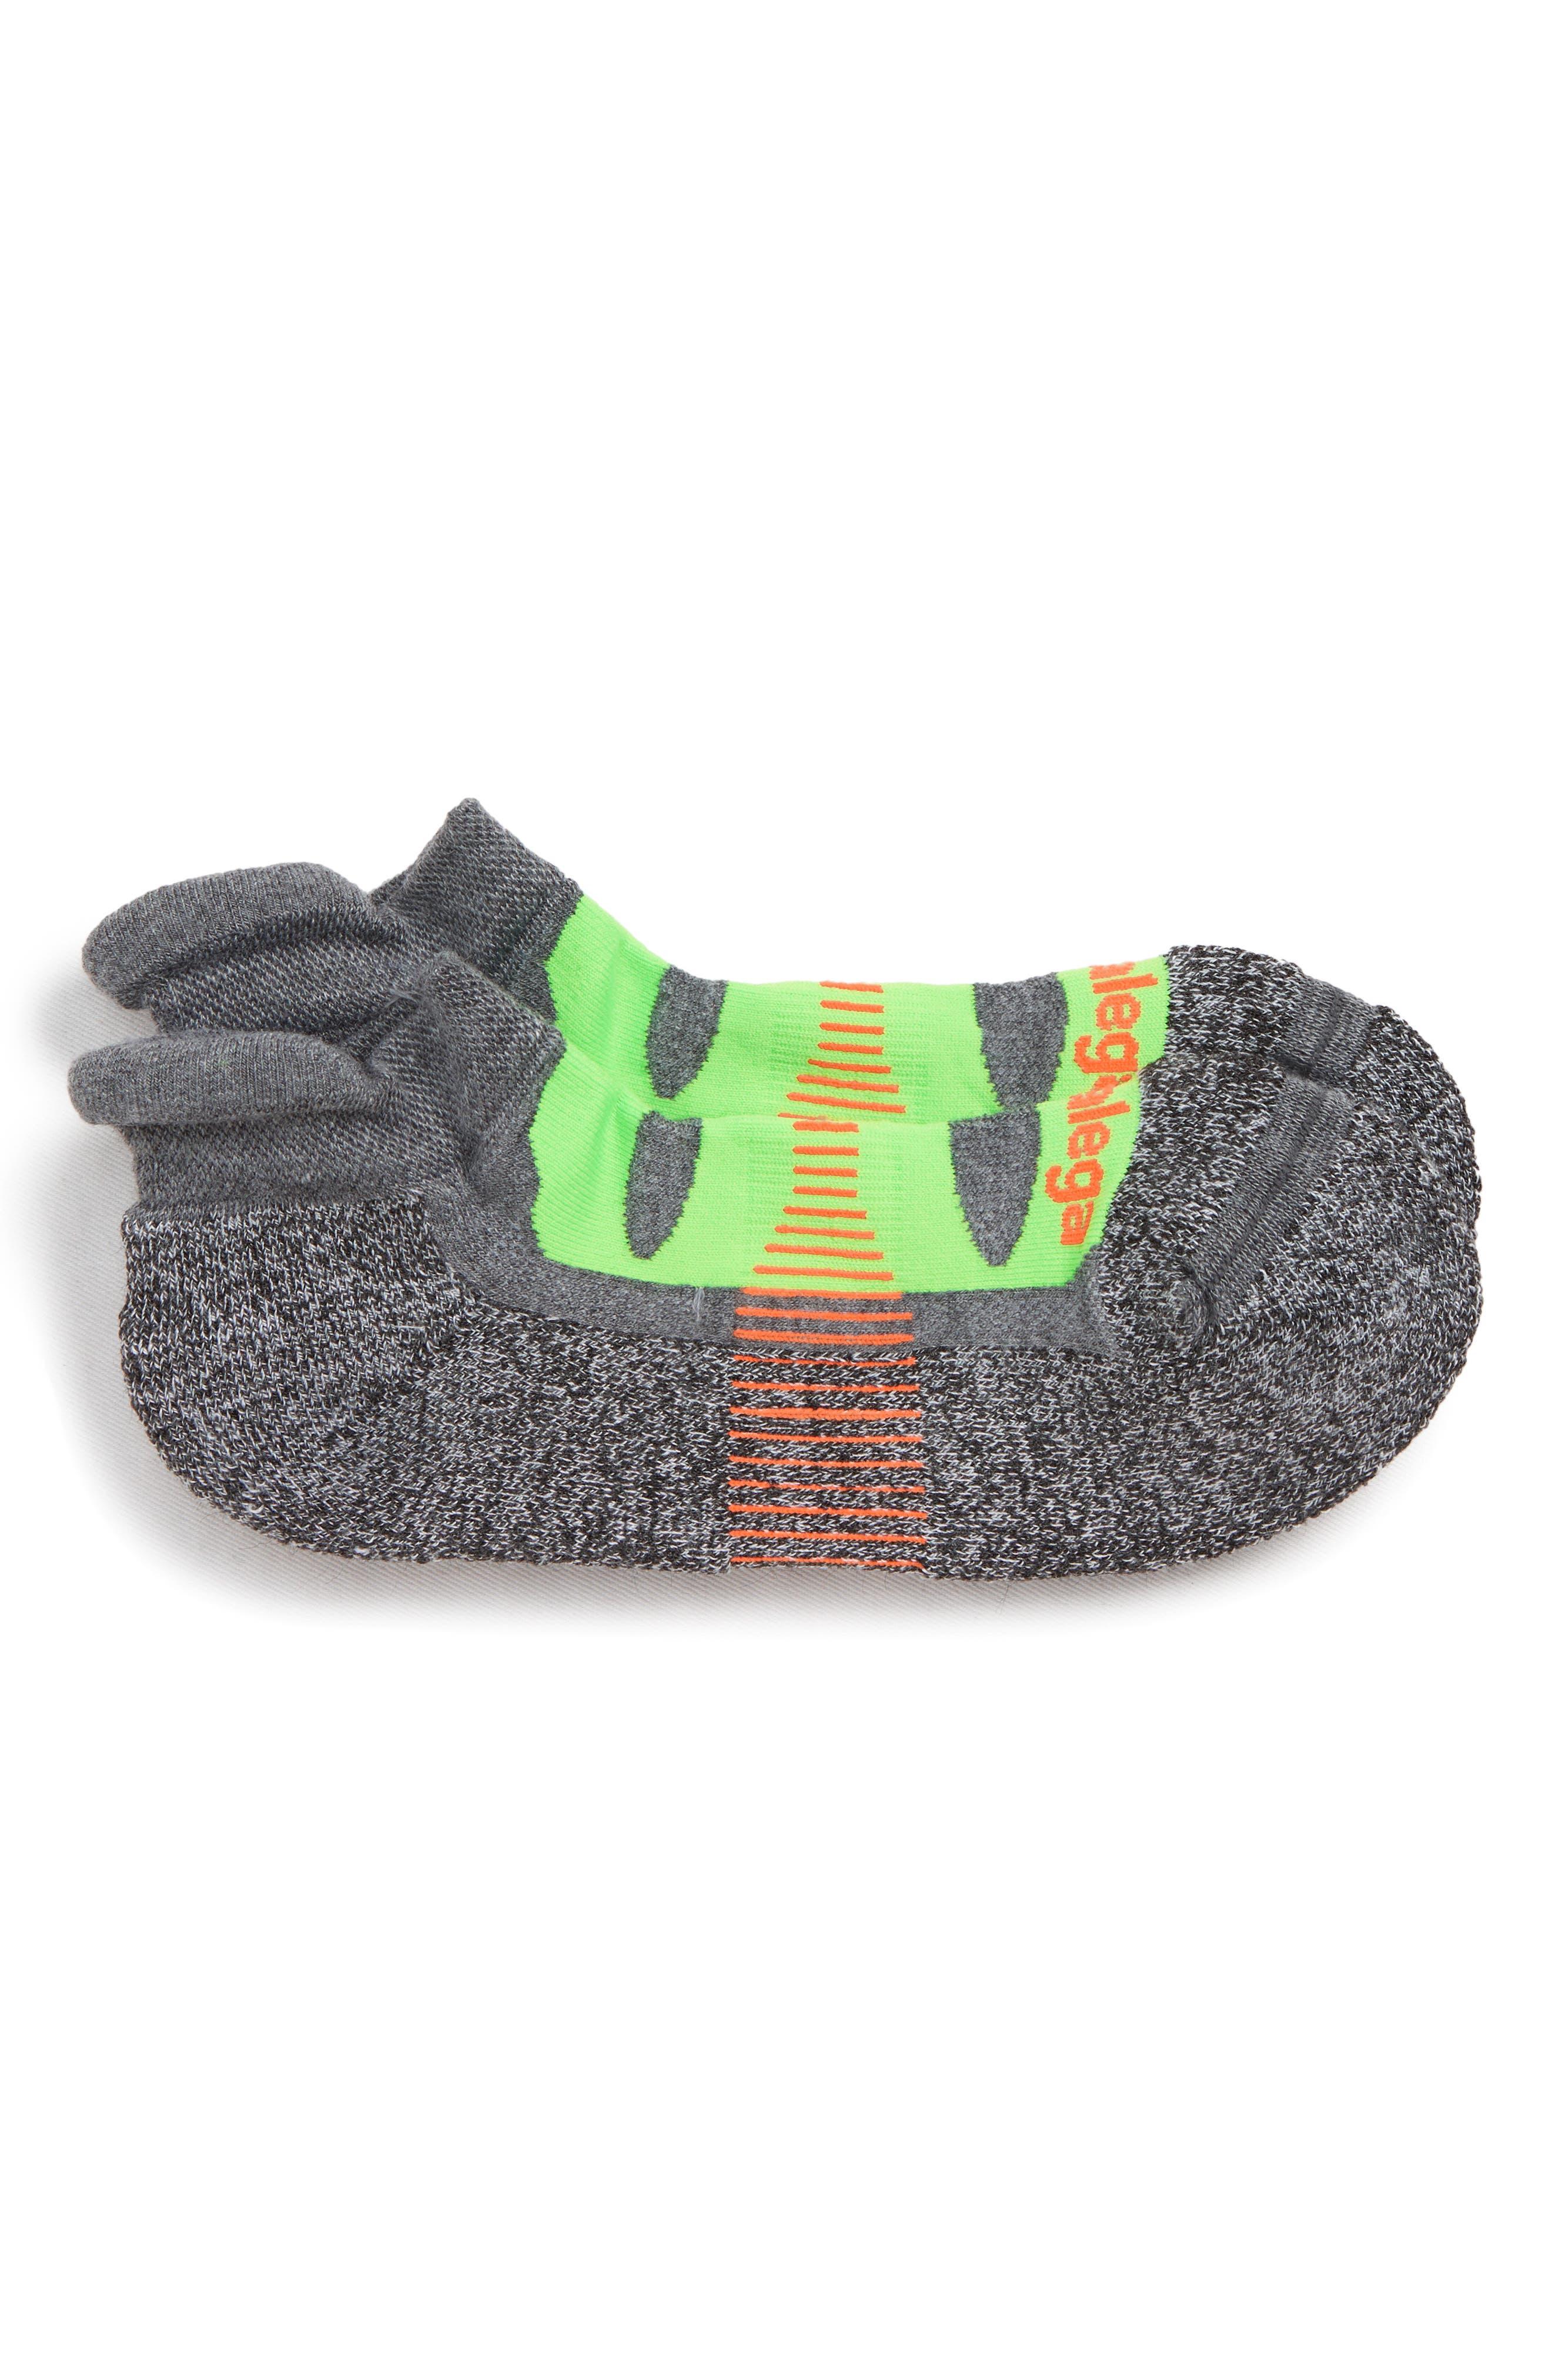 Blister Resist No-Show Running Socks,                             Main thumbnail 1, color,                             CHARCOAL/ GREEN